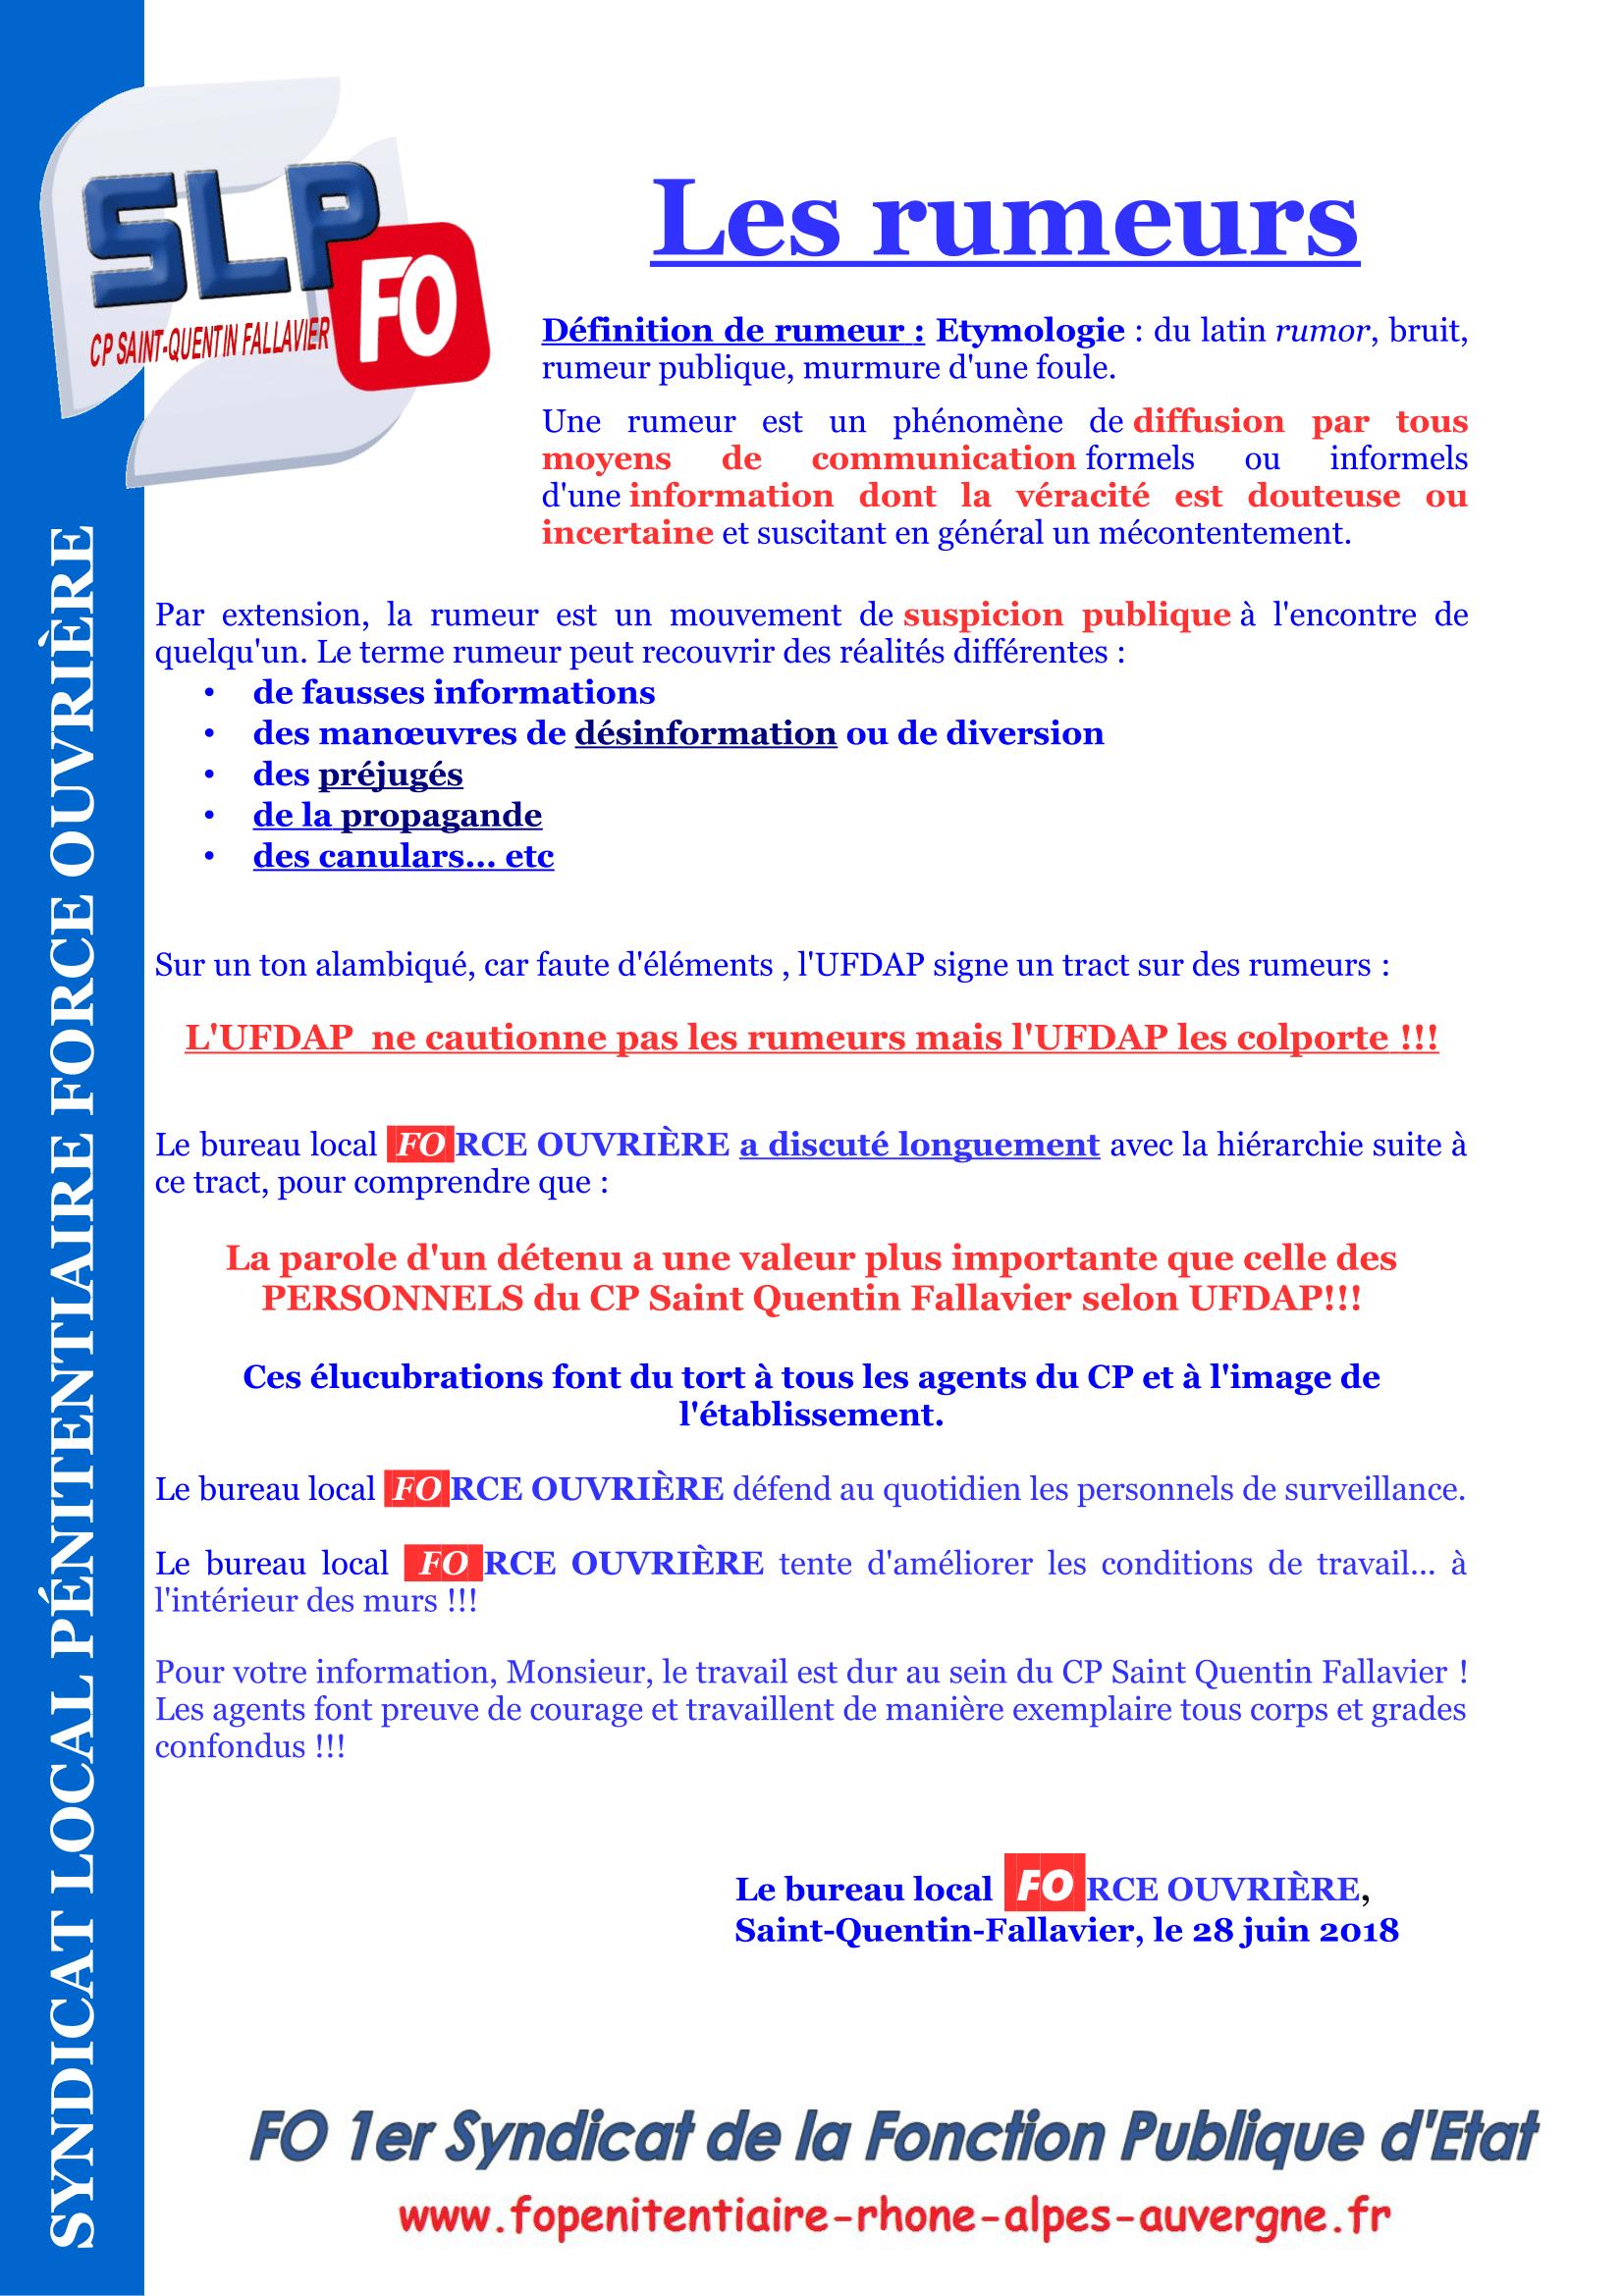 Les rumeurs du CP Saint-Quentin-Fallavier-1